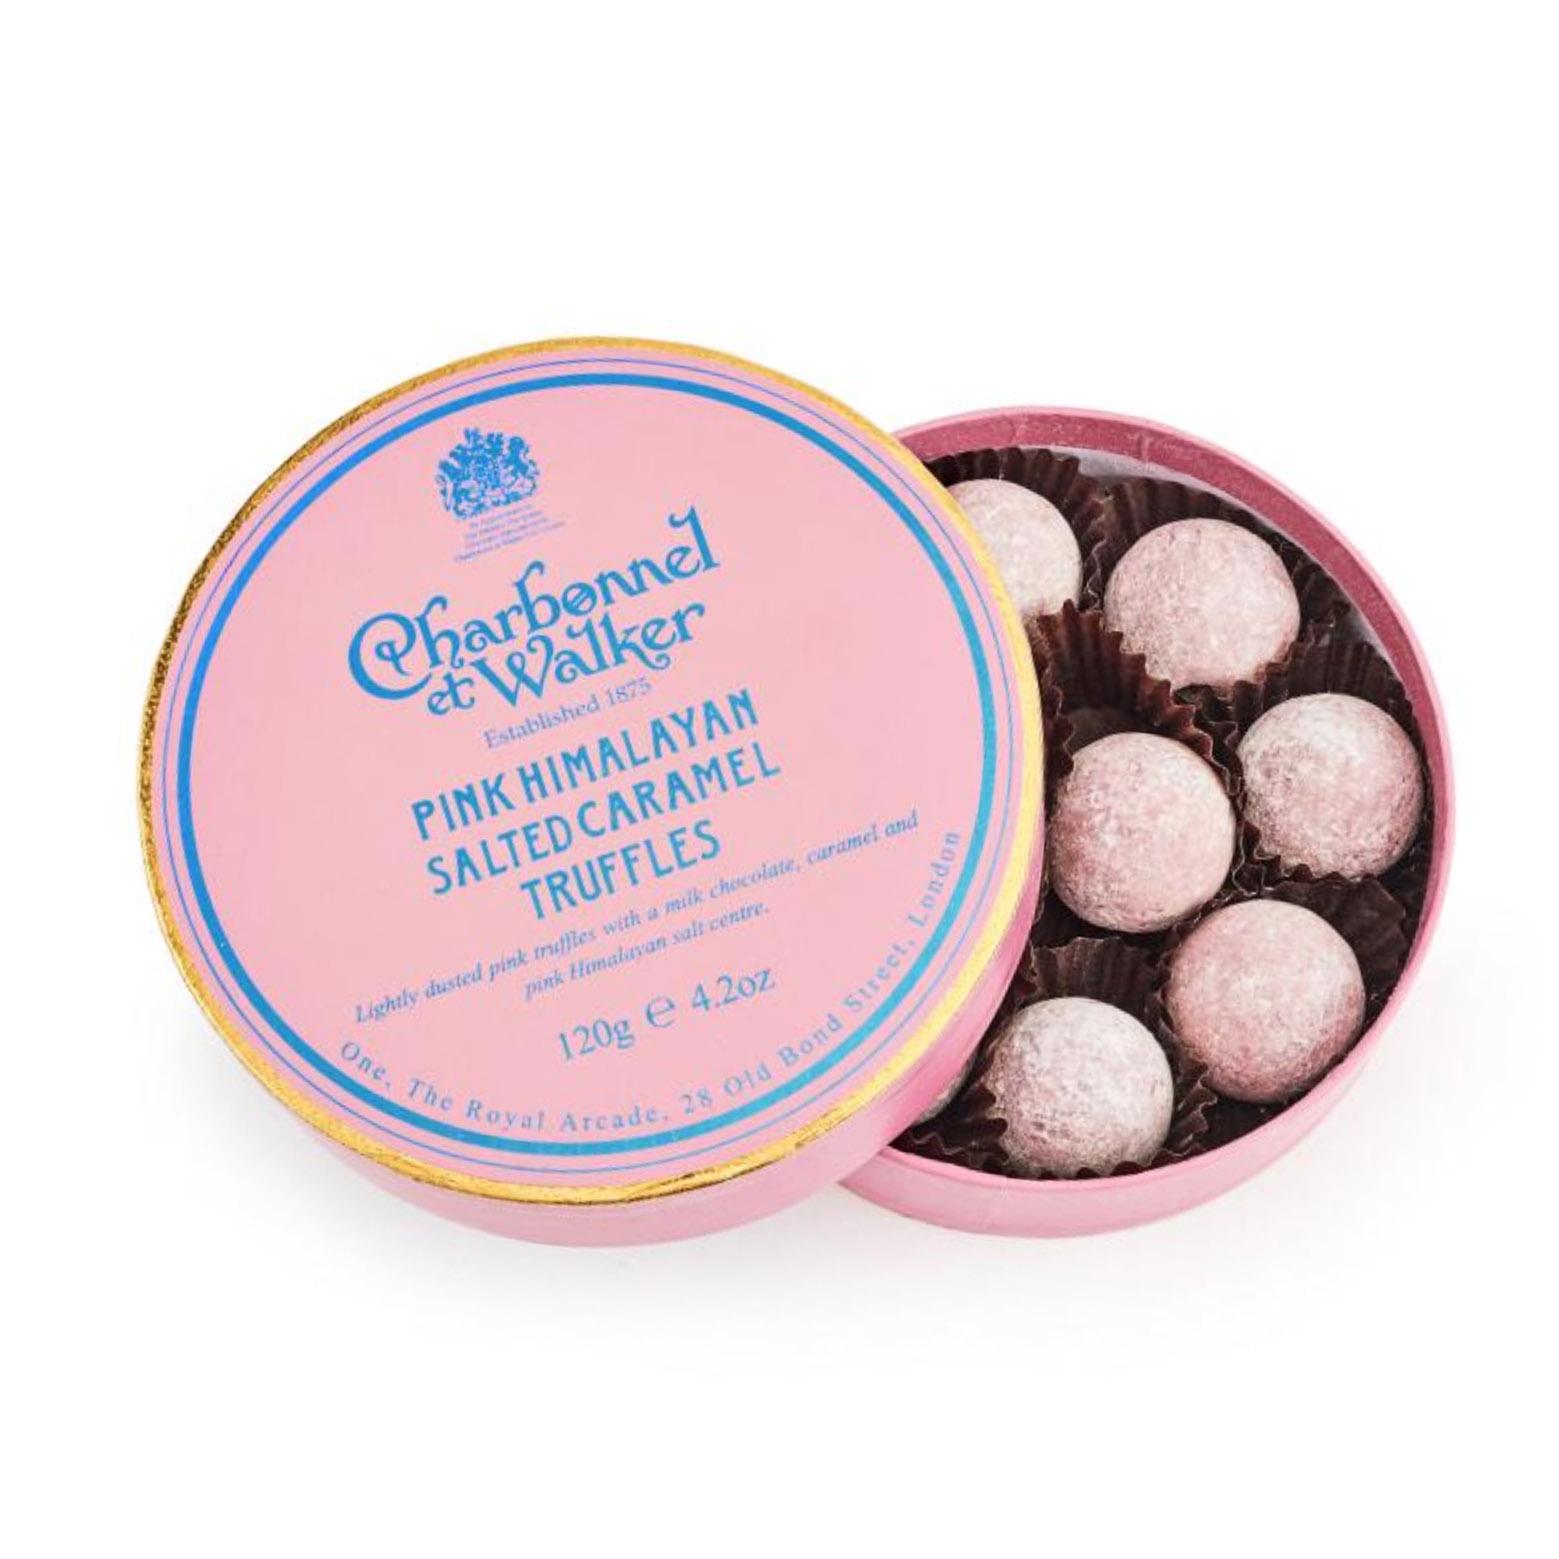 Charbonnel & Walker - Pink Himalayan salt caramel truffles -